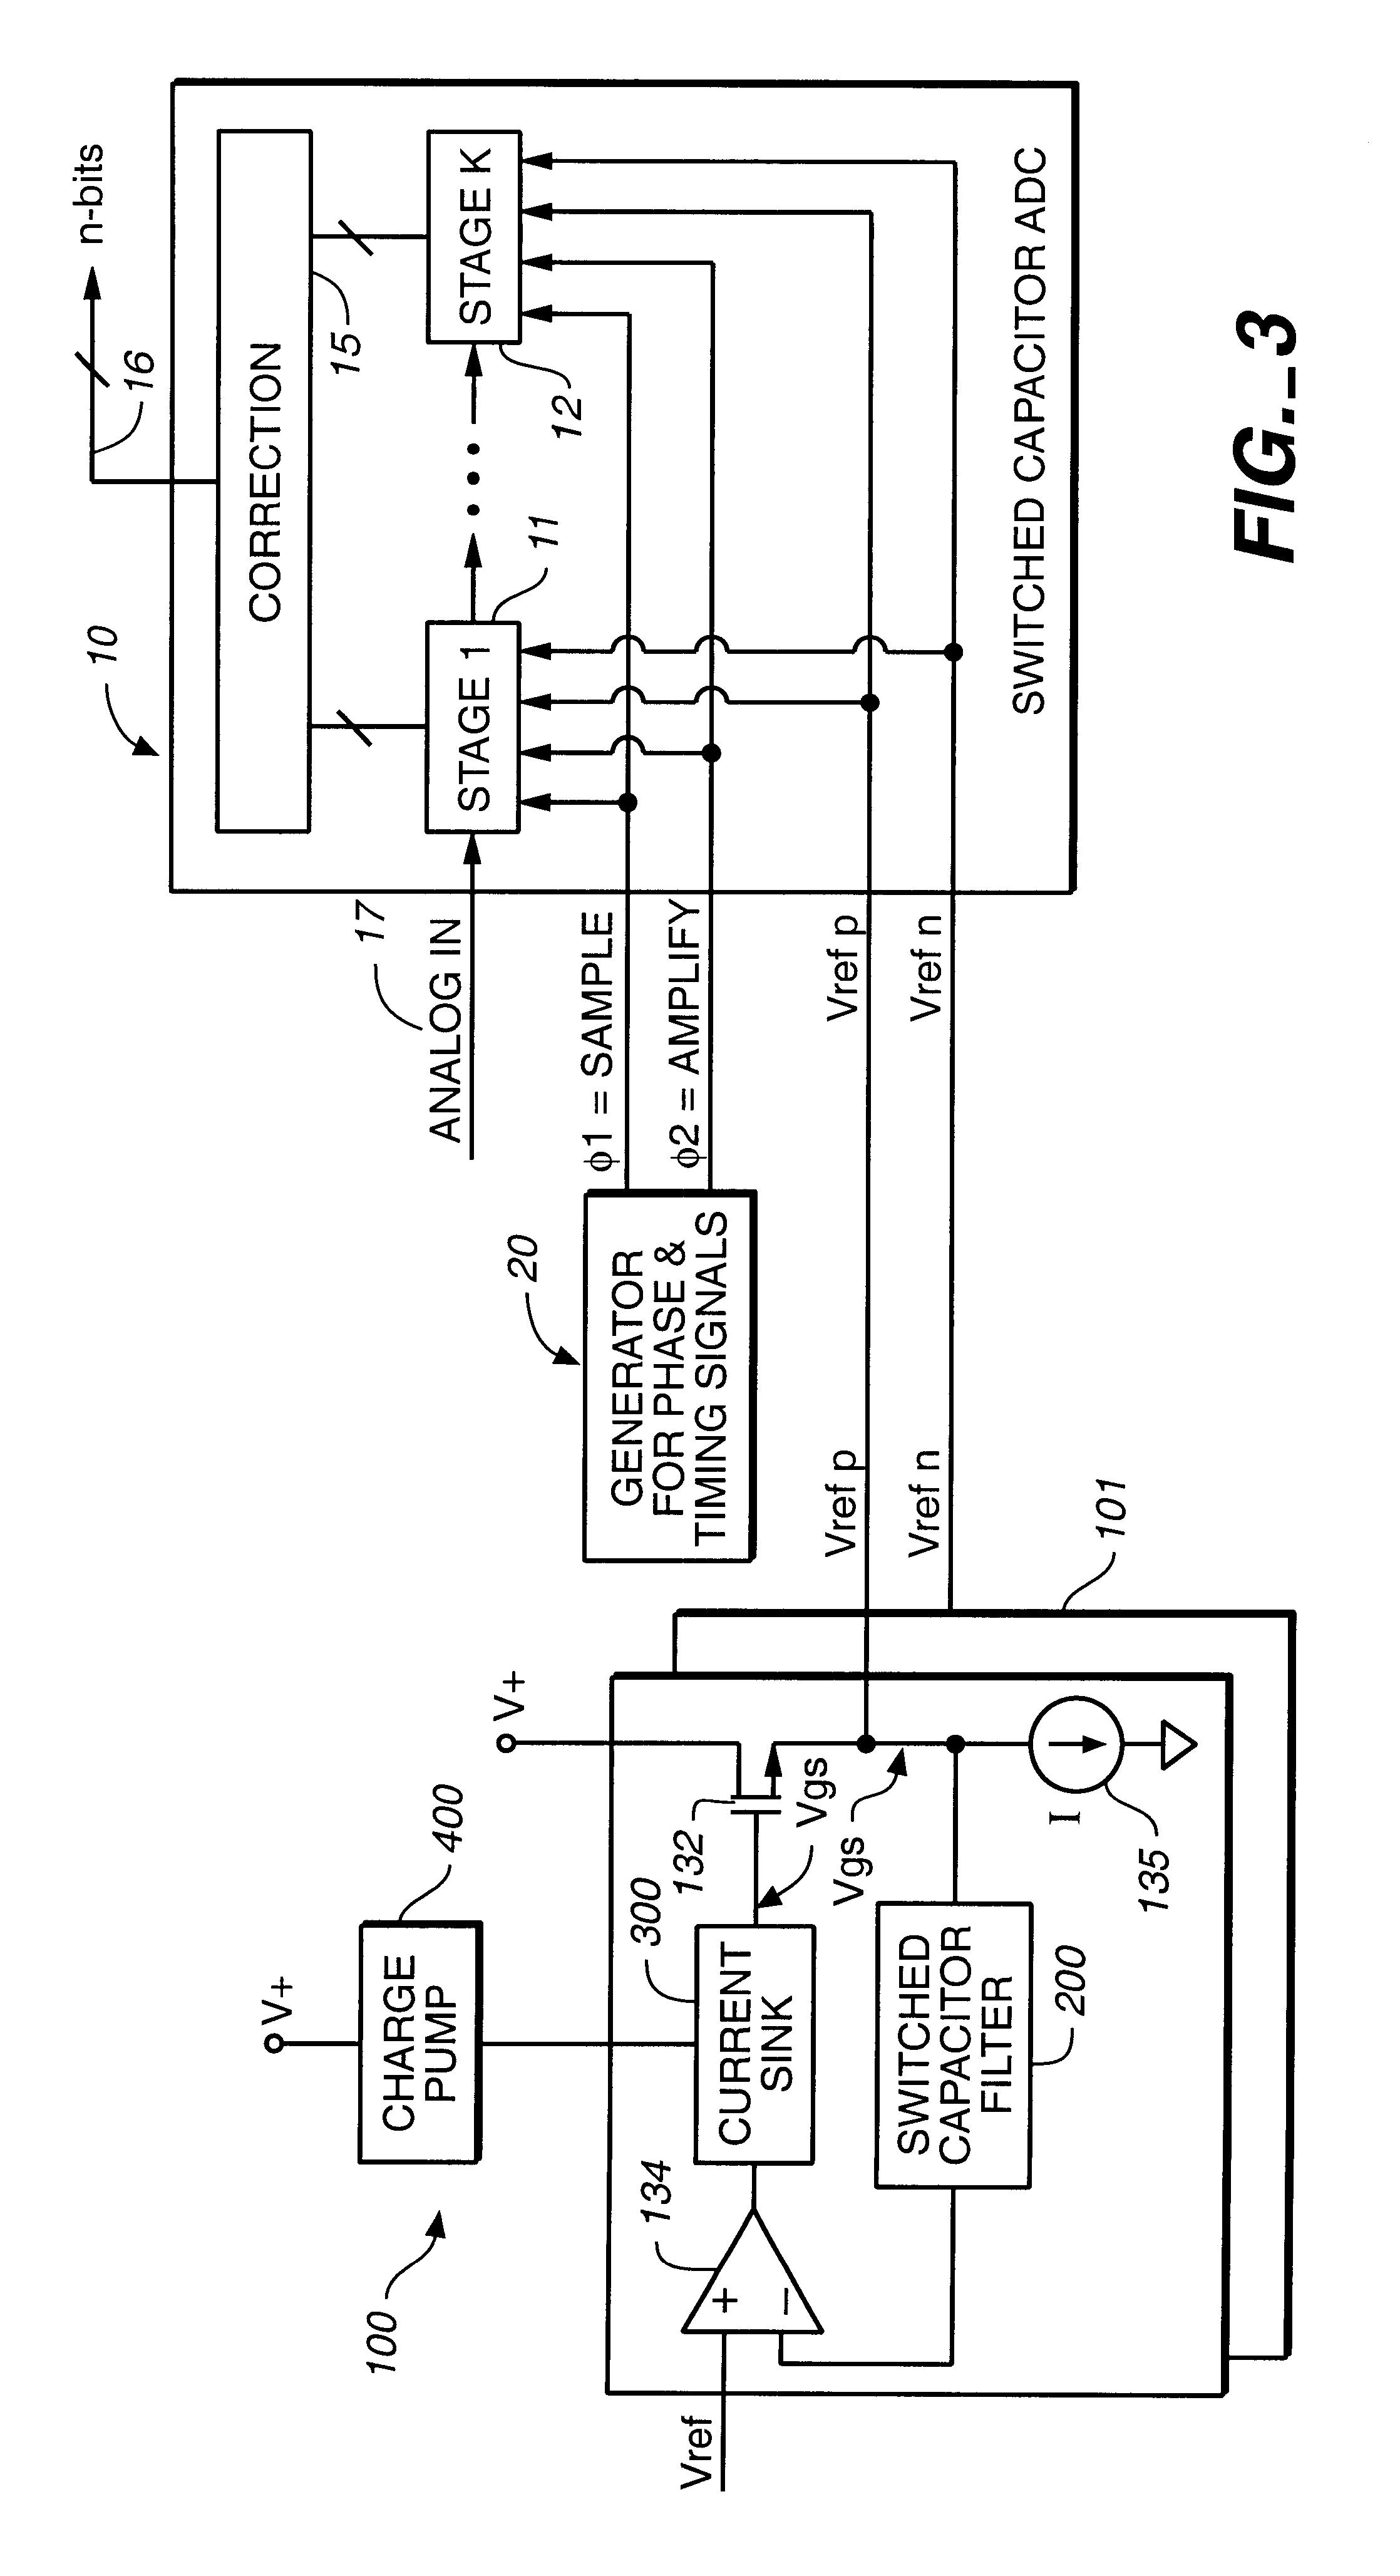 patent us6400214